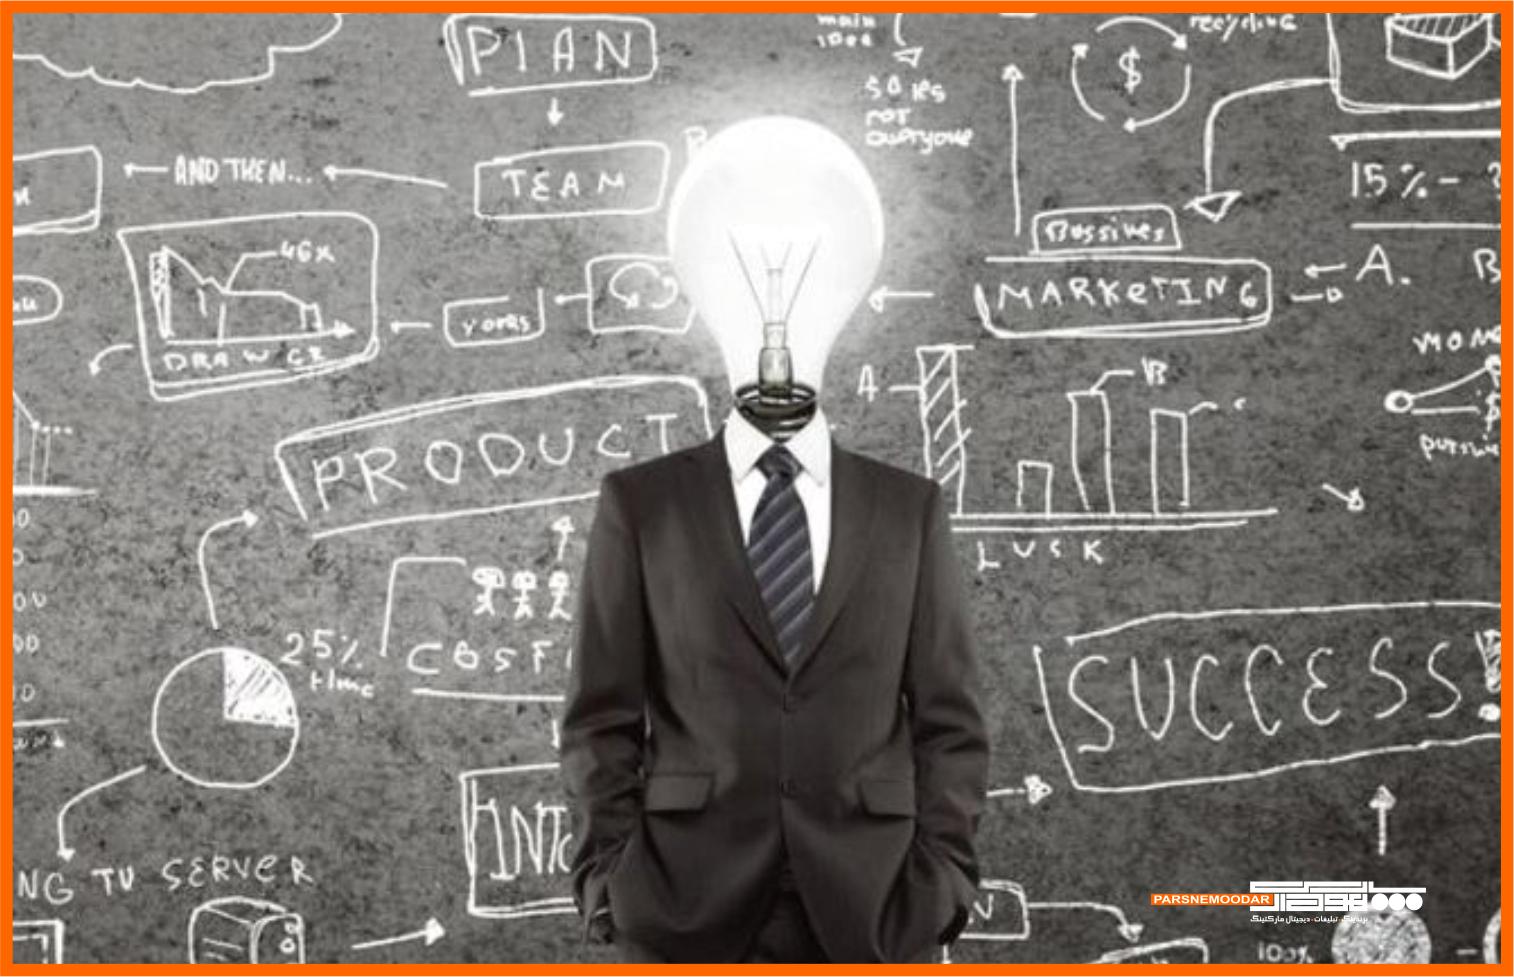 دیجیتال مارکتینگ و هوش مصنوعی - بازاریابی دیجیتال